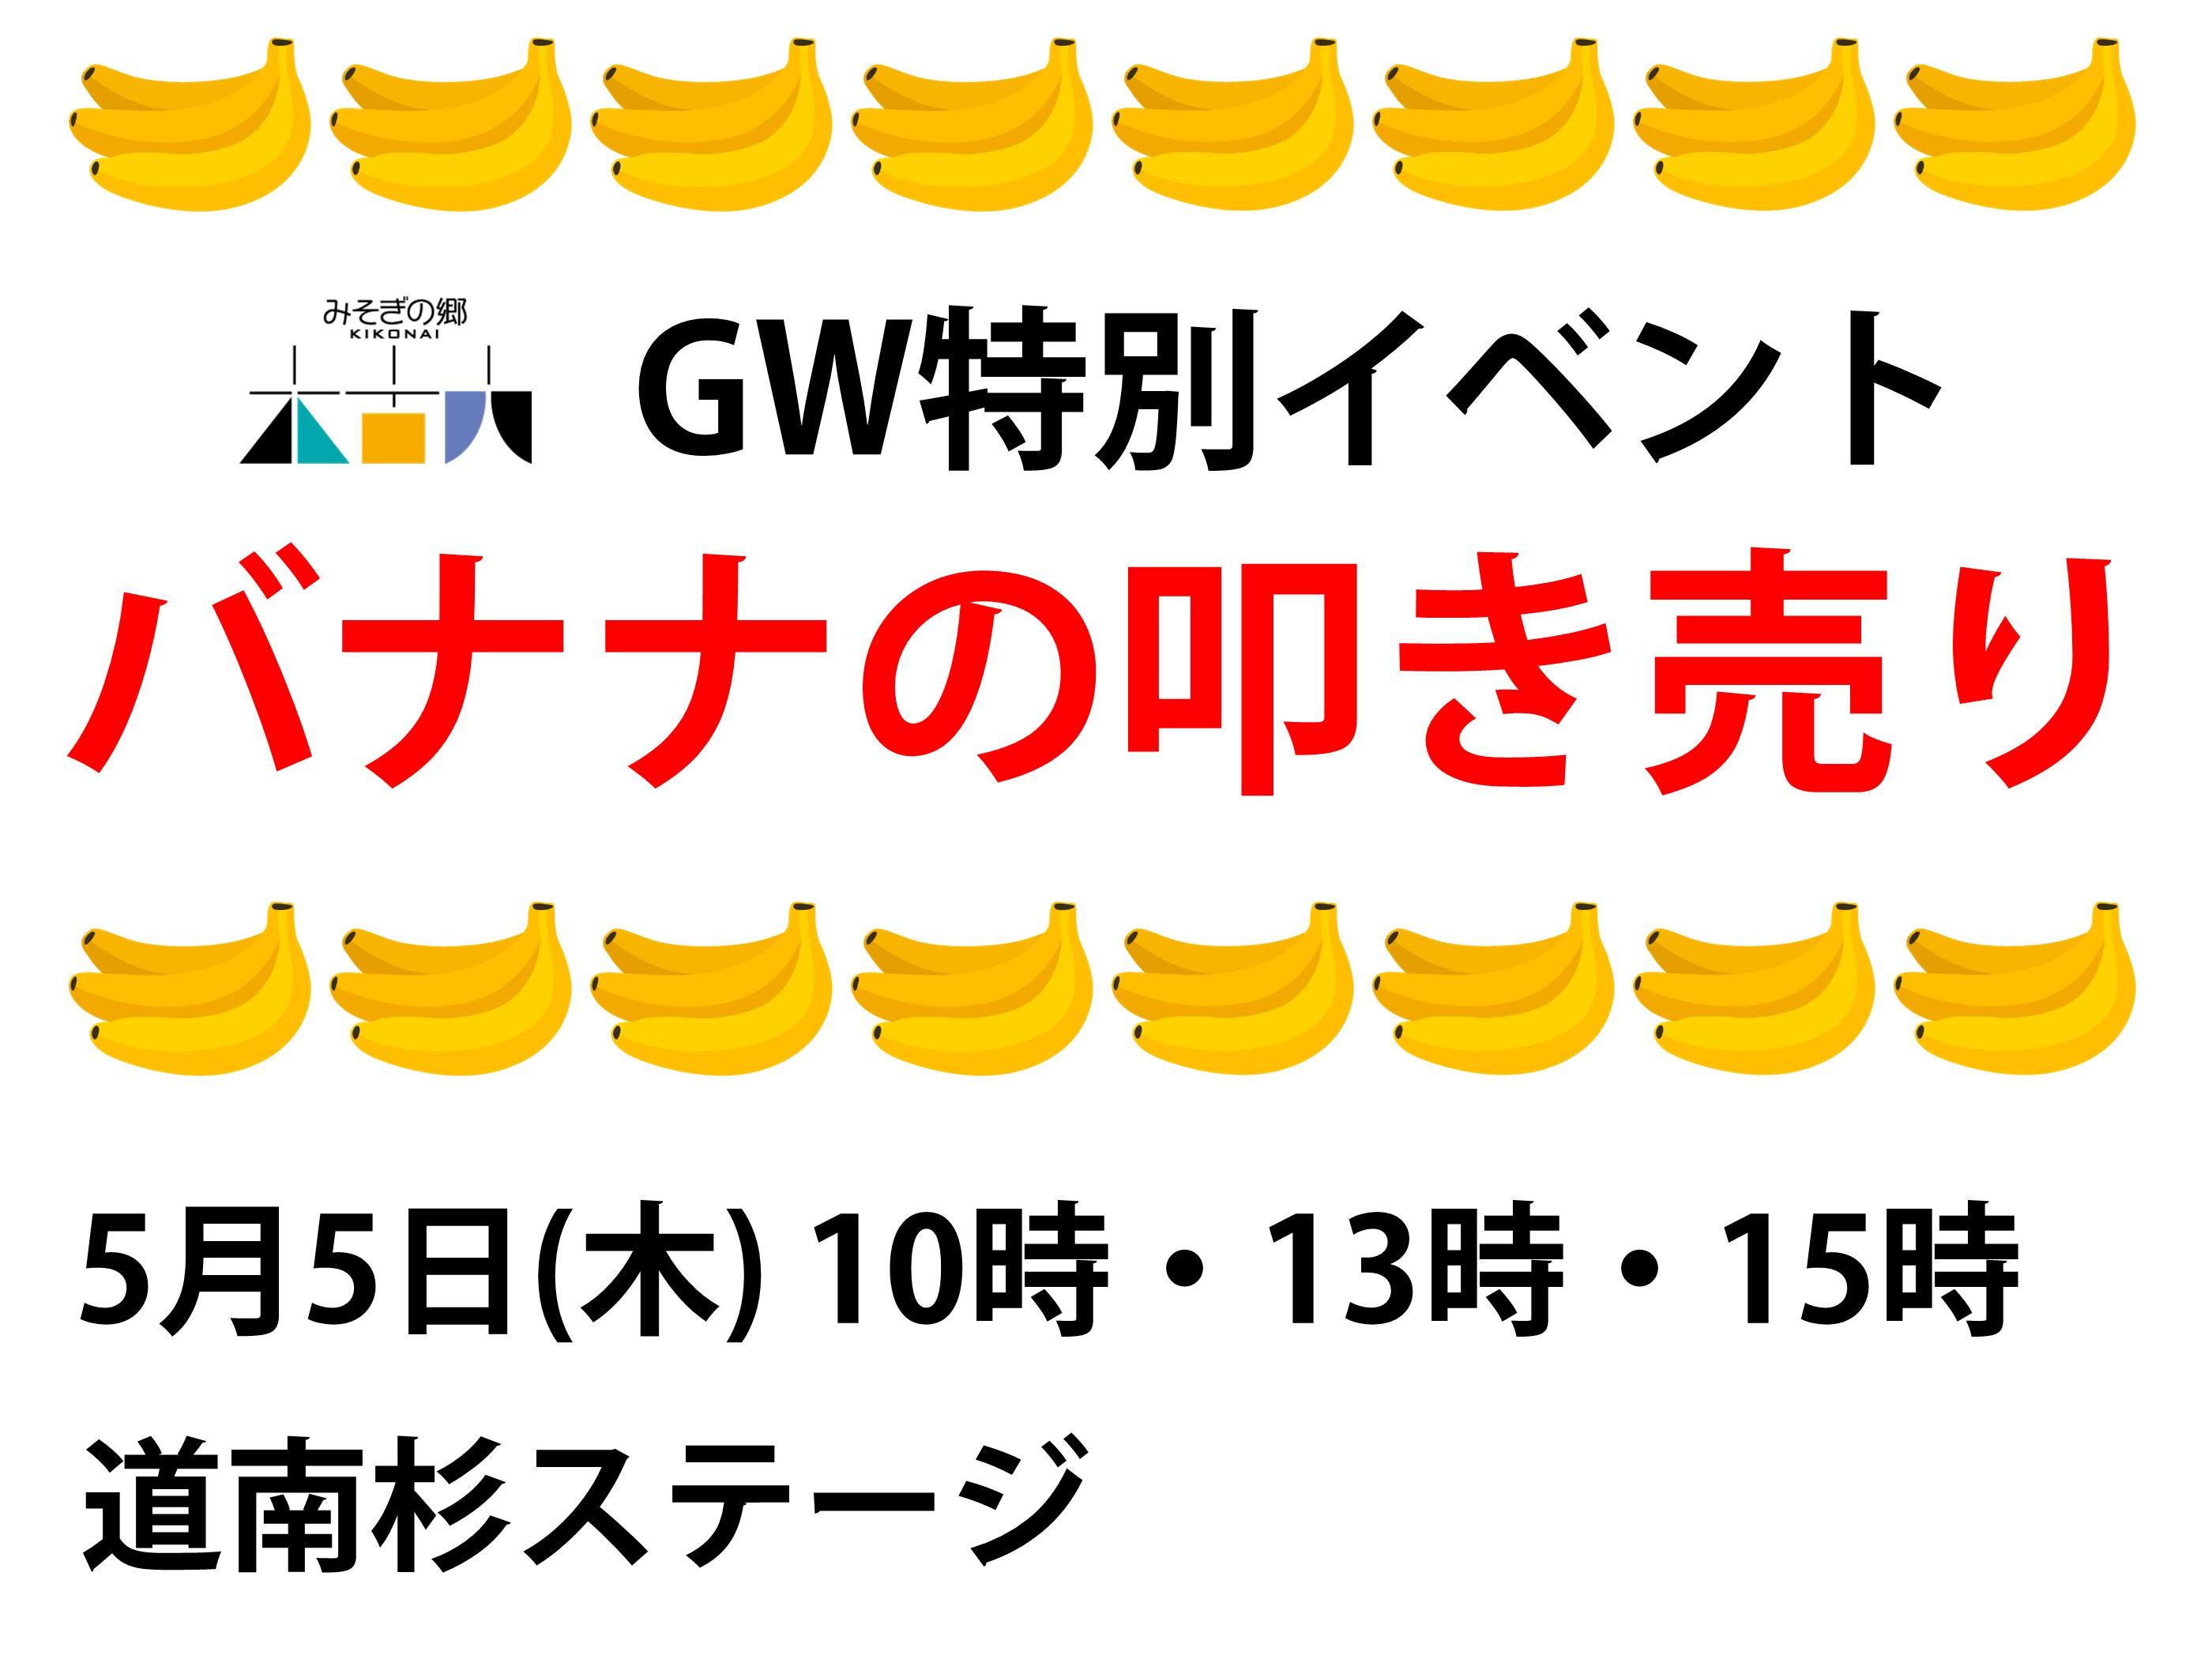 GW特別企画 バナナの叩き売りやります!